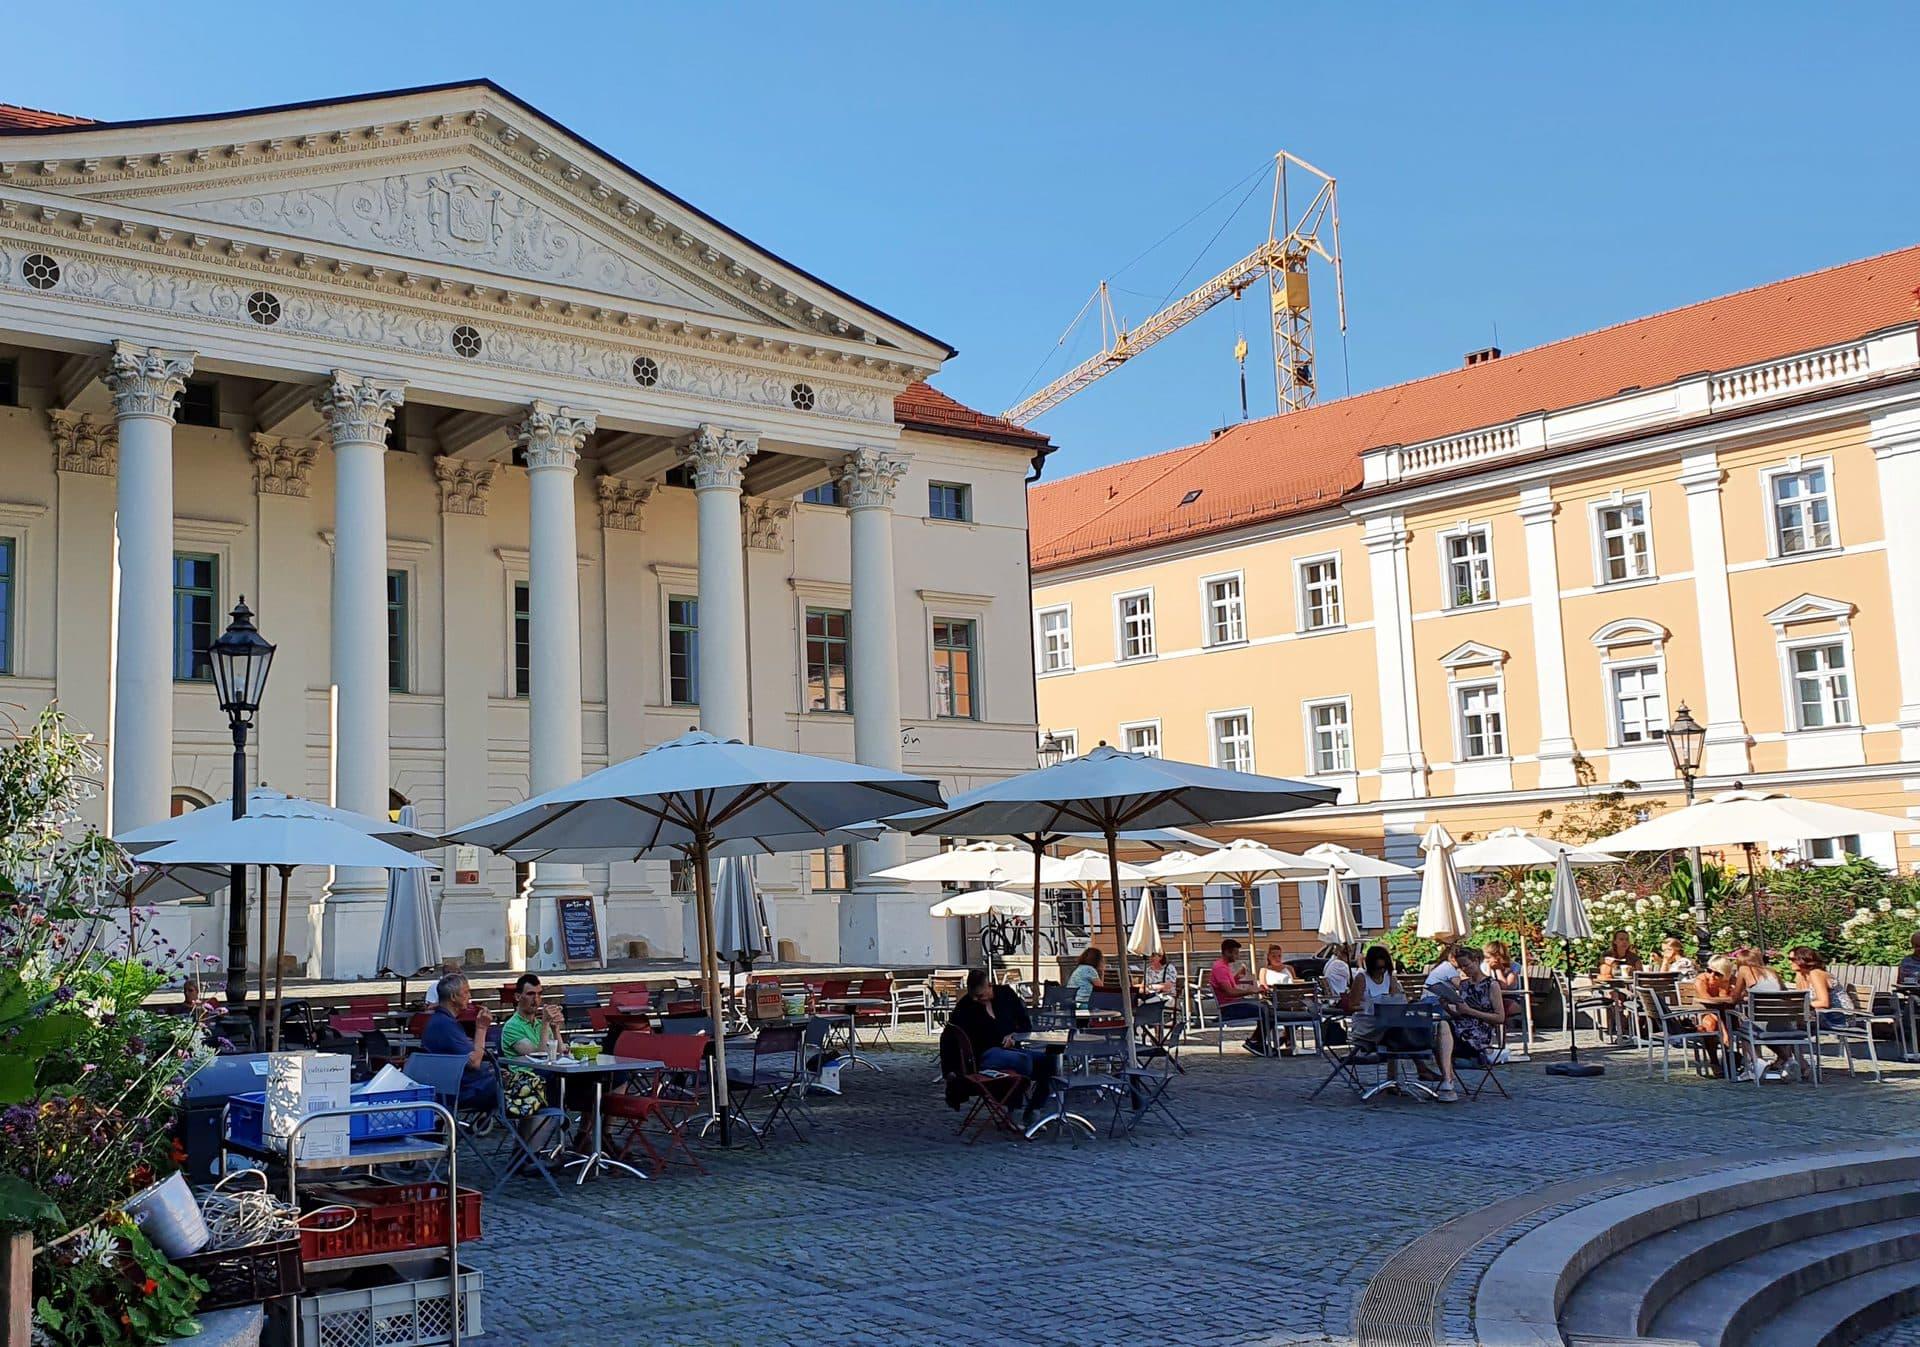 Trotz Corona: Regensburg erlaubt Christkindlmarkt und Freisitze auch den Winter über Stadtrat beschließt konkrete Maßnahmen, um betroffene Gastronomien zu unterstützen